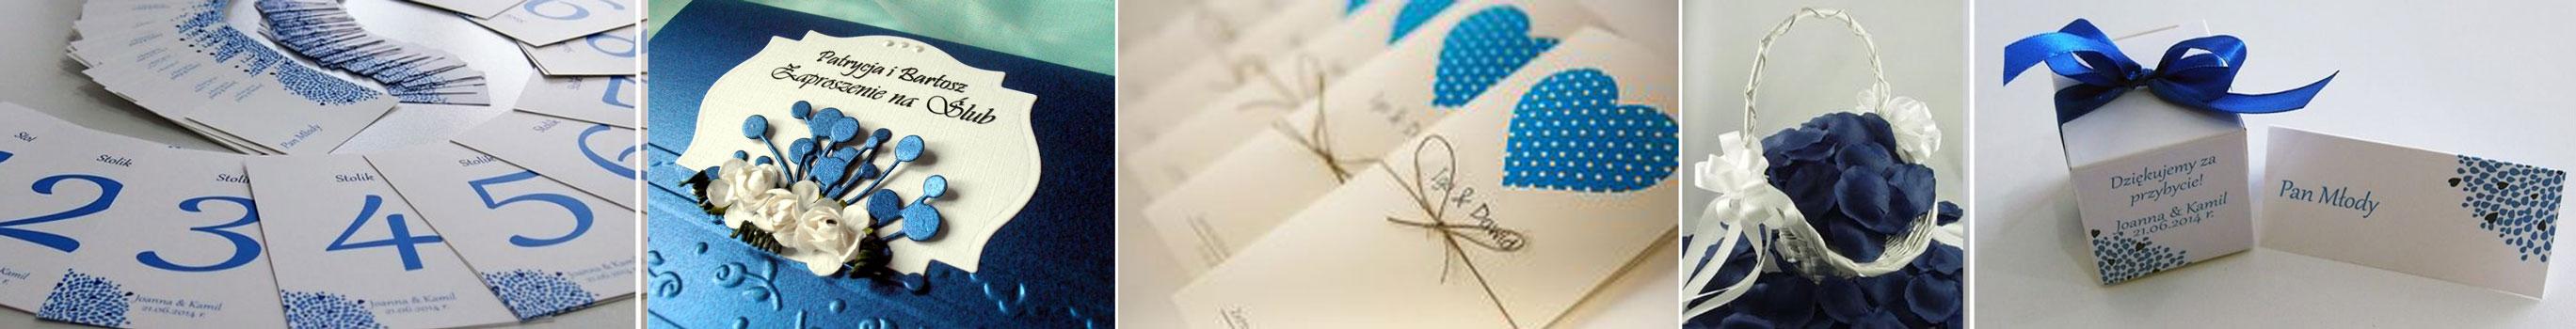 poradnik ślubny wedding planner'ki - zaproszenia na ślub niebieskie